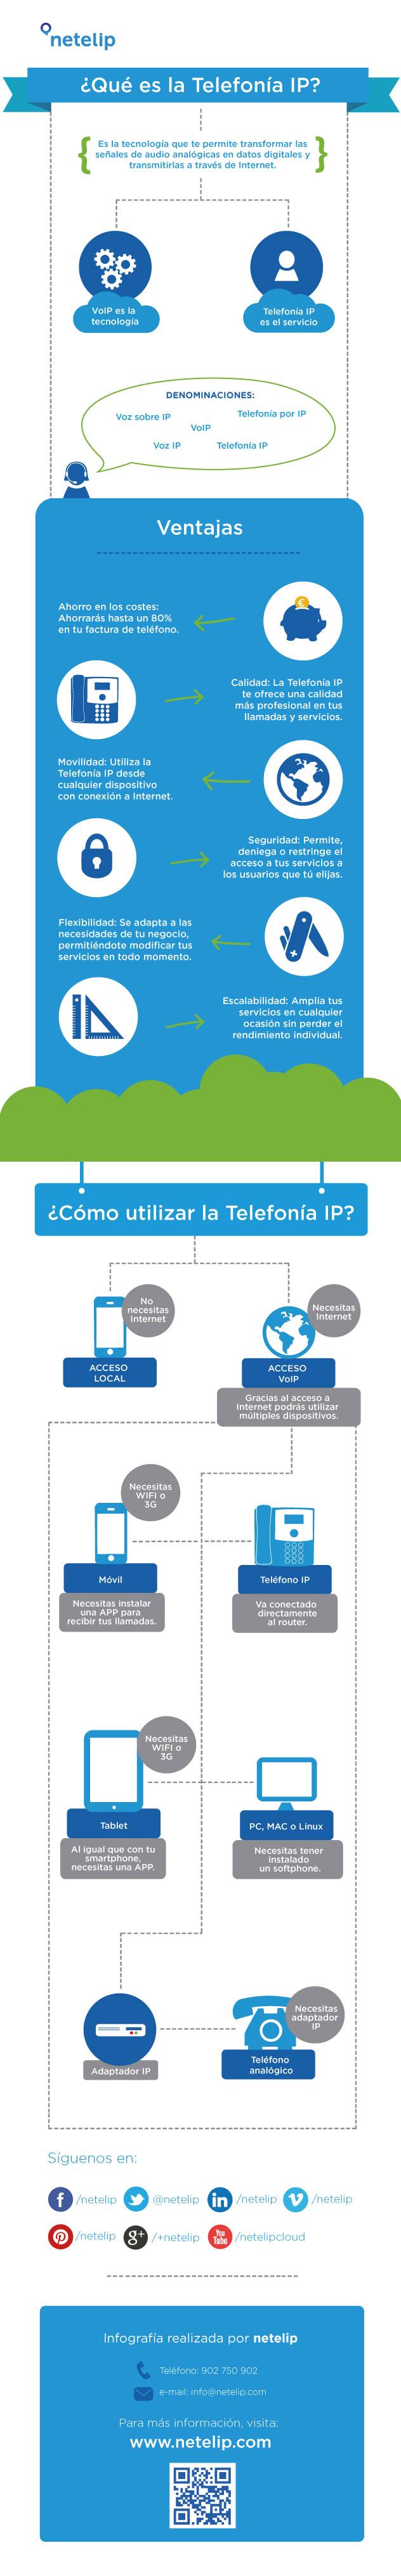 VoIP es la tecnología